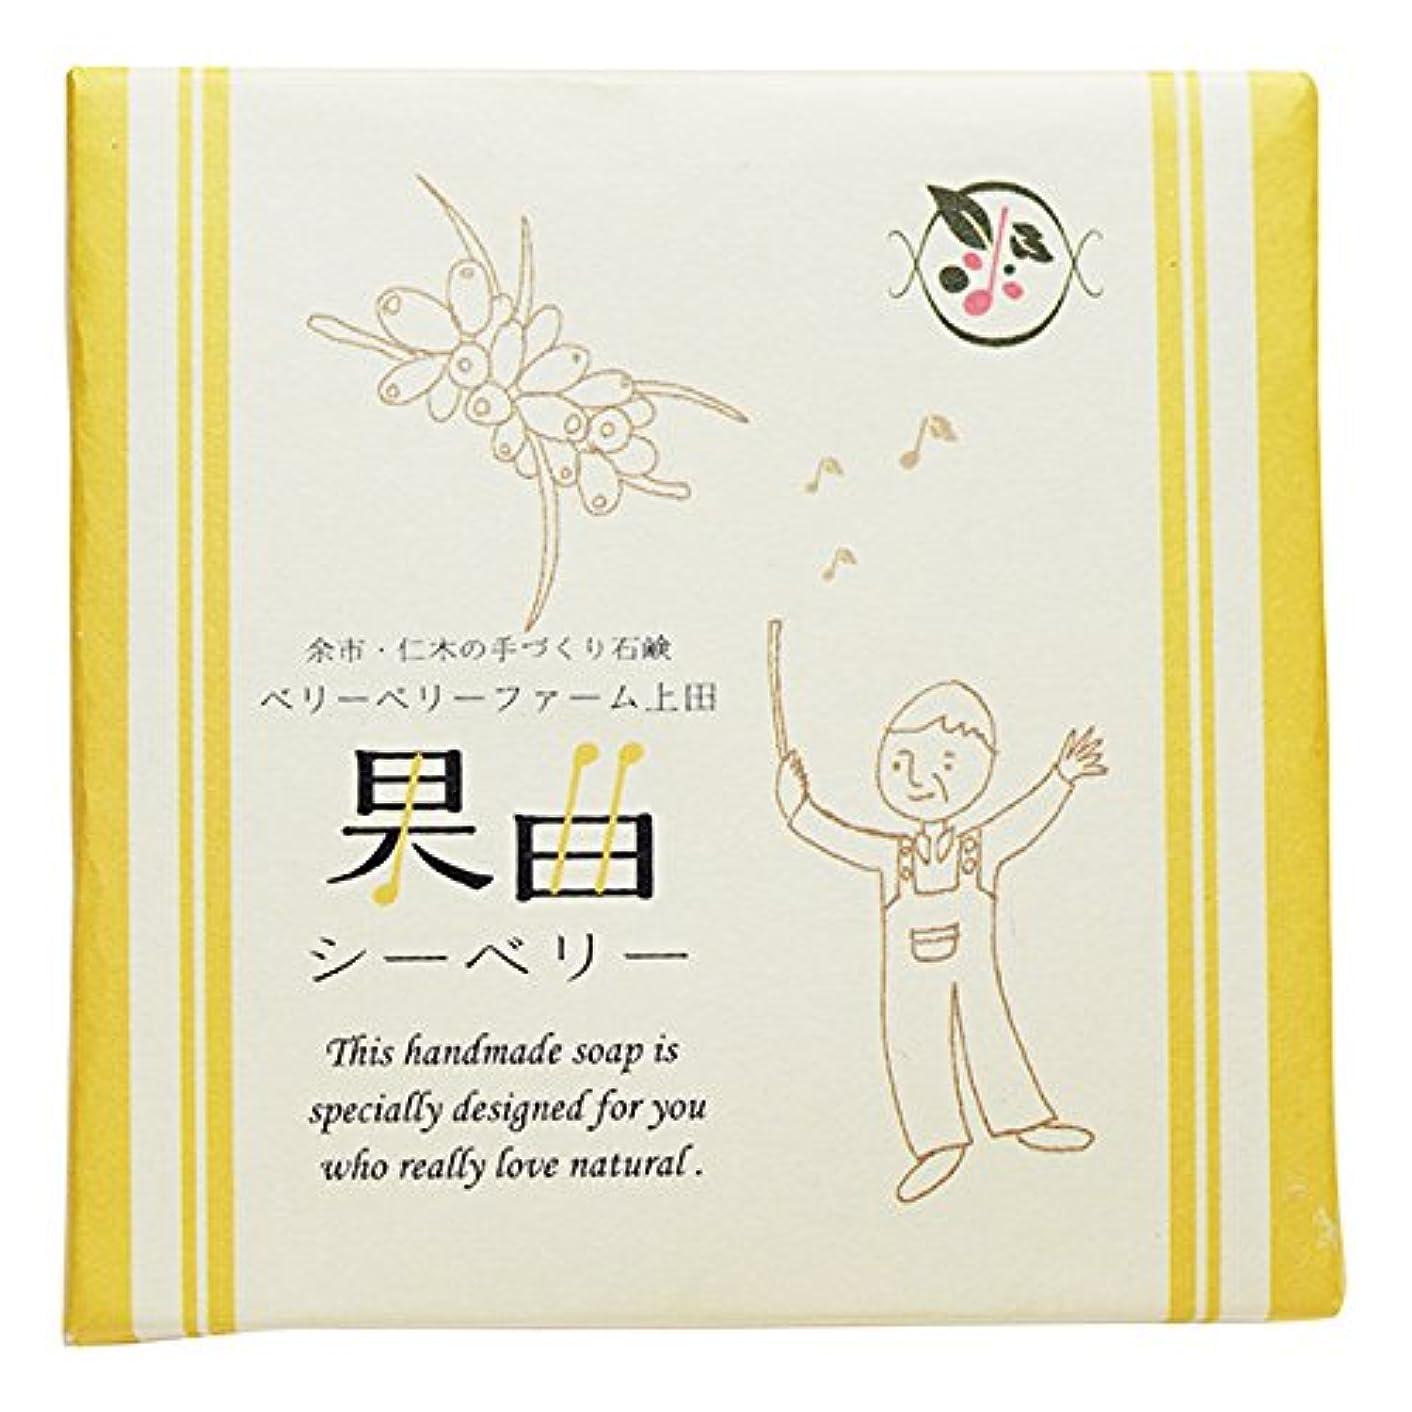 抽選メディカル代わって余市町仁木のベリーベリーファーム上田との共同開発 果曲(シーベリー)純練り石鹸